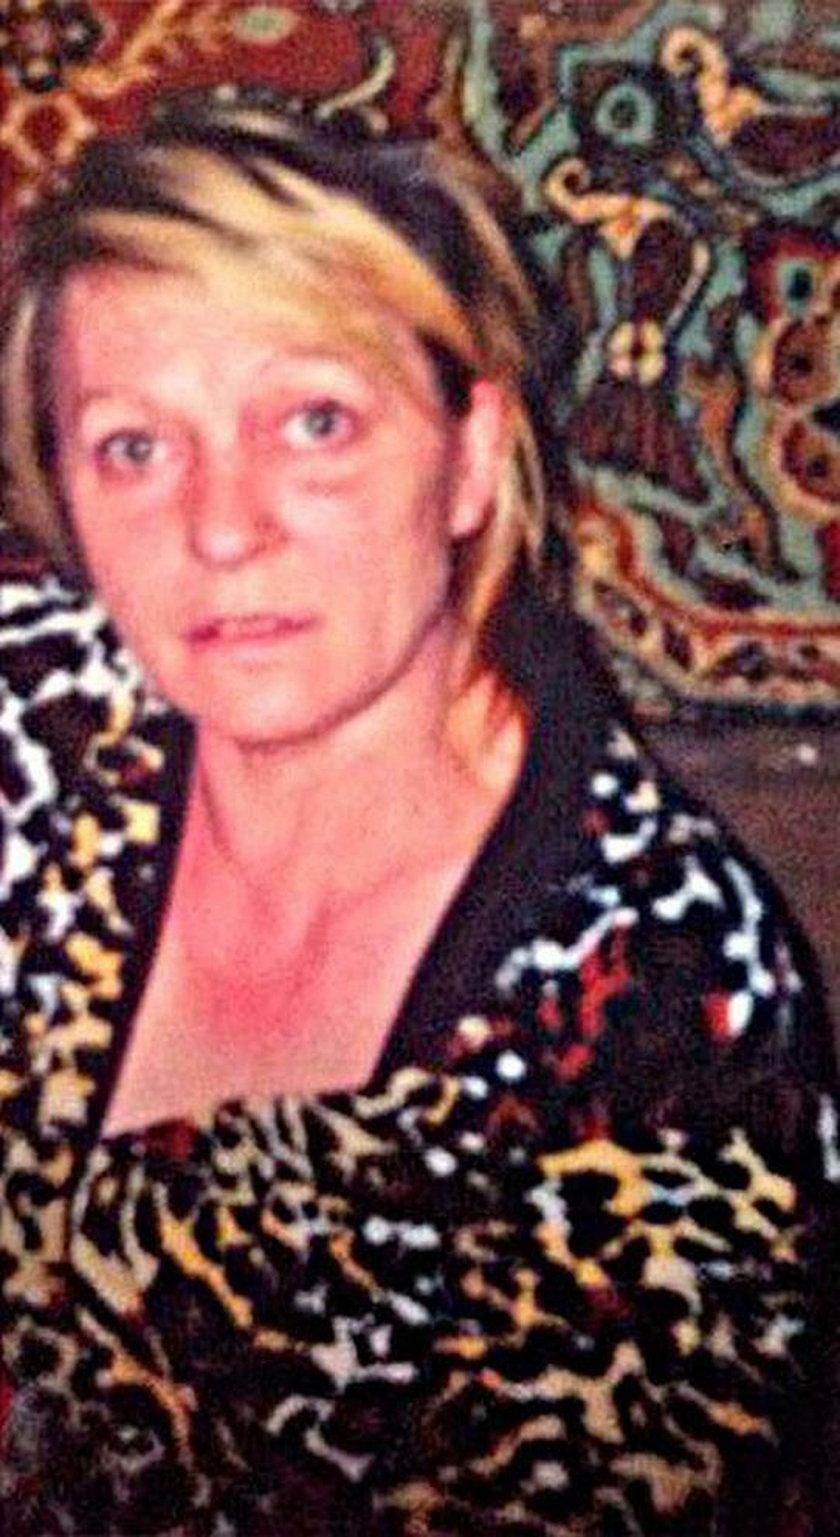 Rosja: Próbowała zabić Nadię, bo pomyliła ją z Gollumem. Jest wyrok